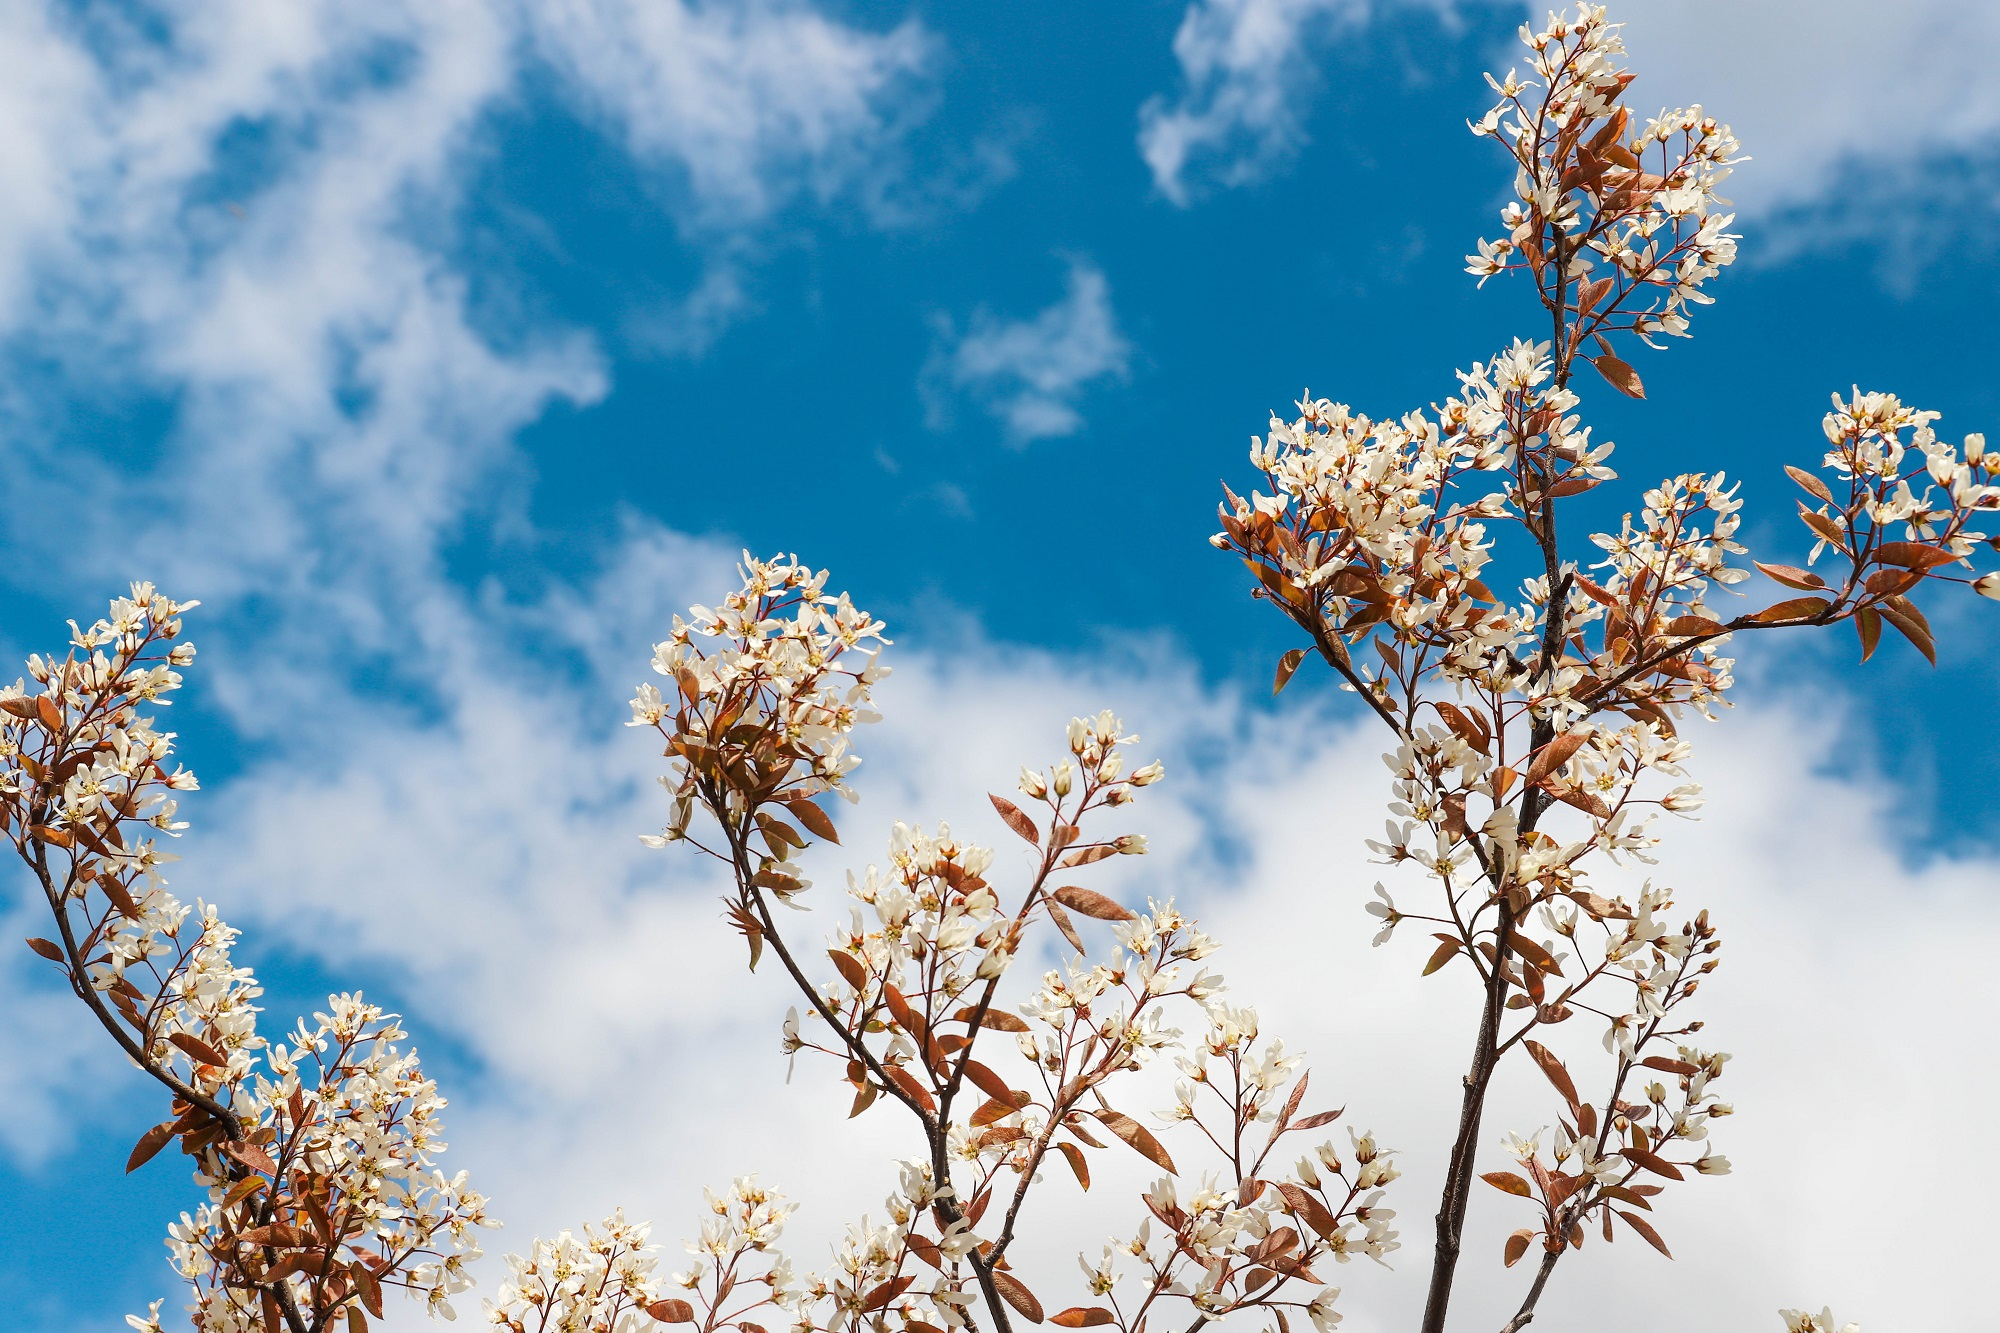 bloemen planten lente